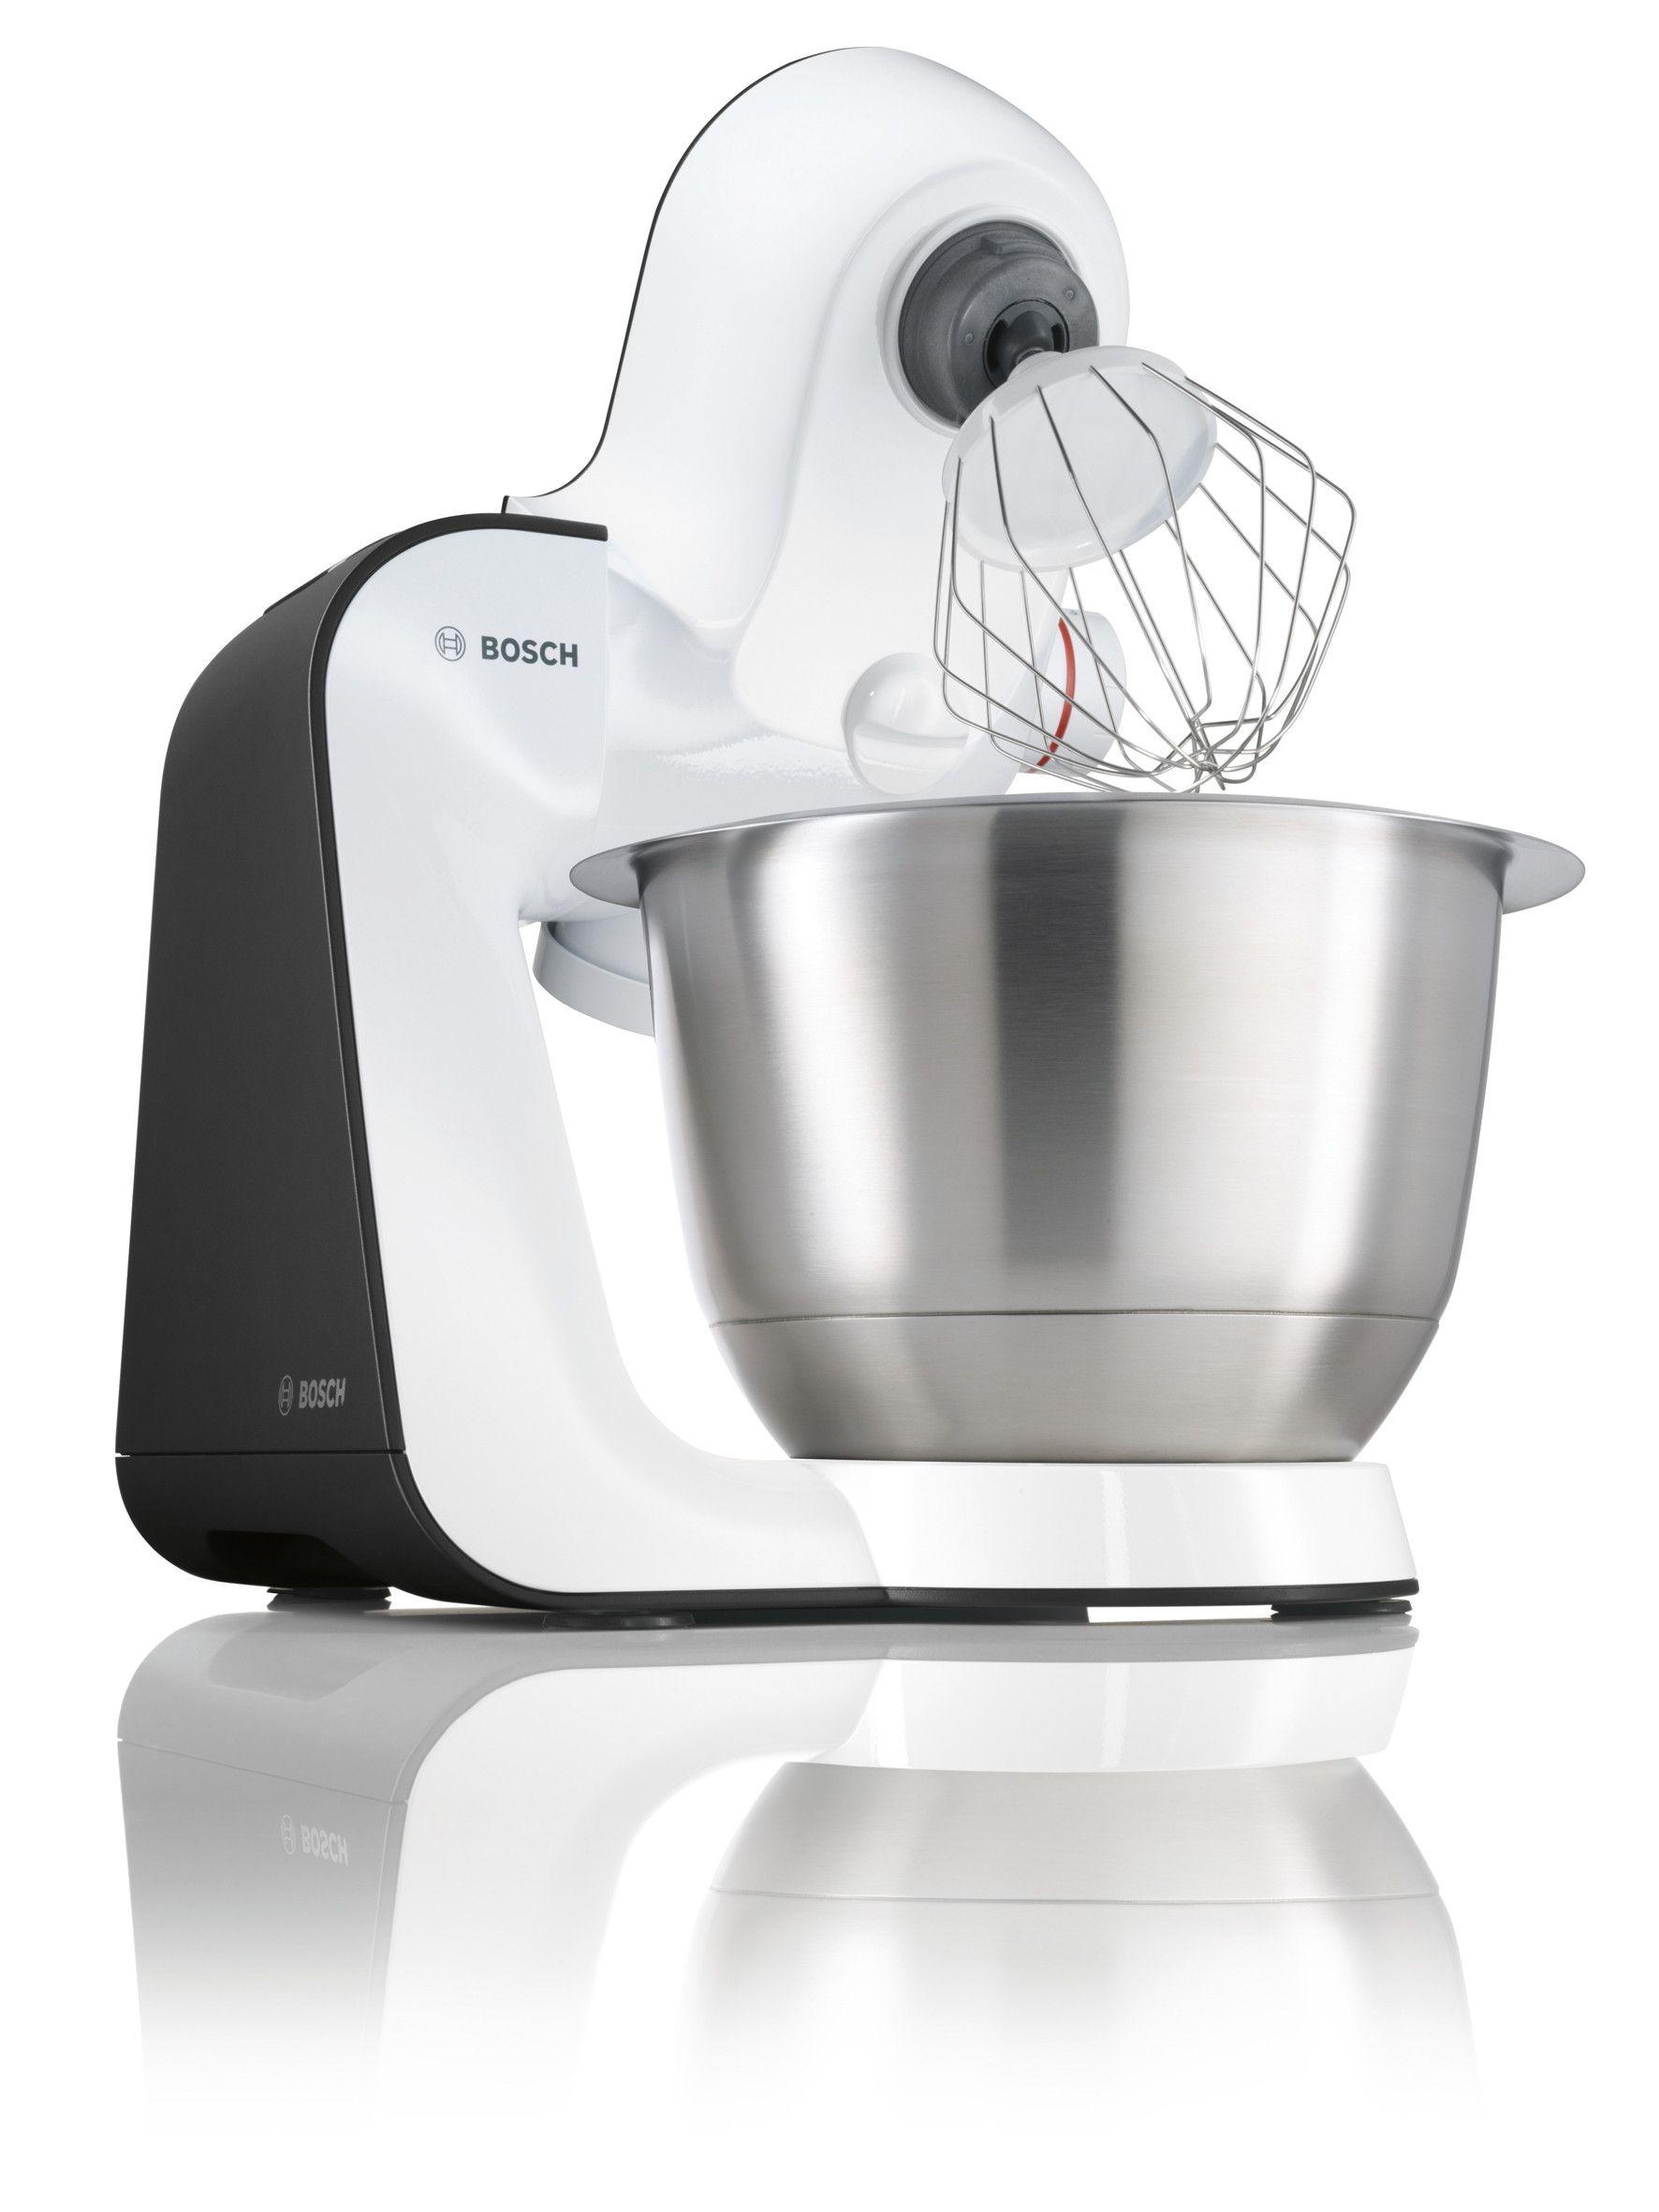 Mum Kuchenmaschine Unique Die Kuchenmaschine Bosch Mum 5 Styline Starker Kuche Kuchenmaschine Bosch Mum Beste Kuchenmaschine